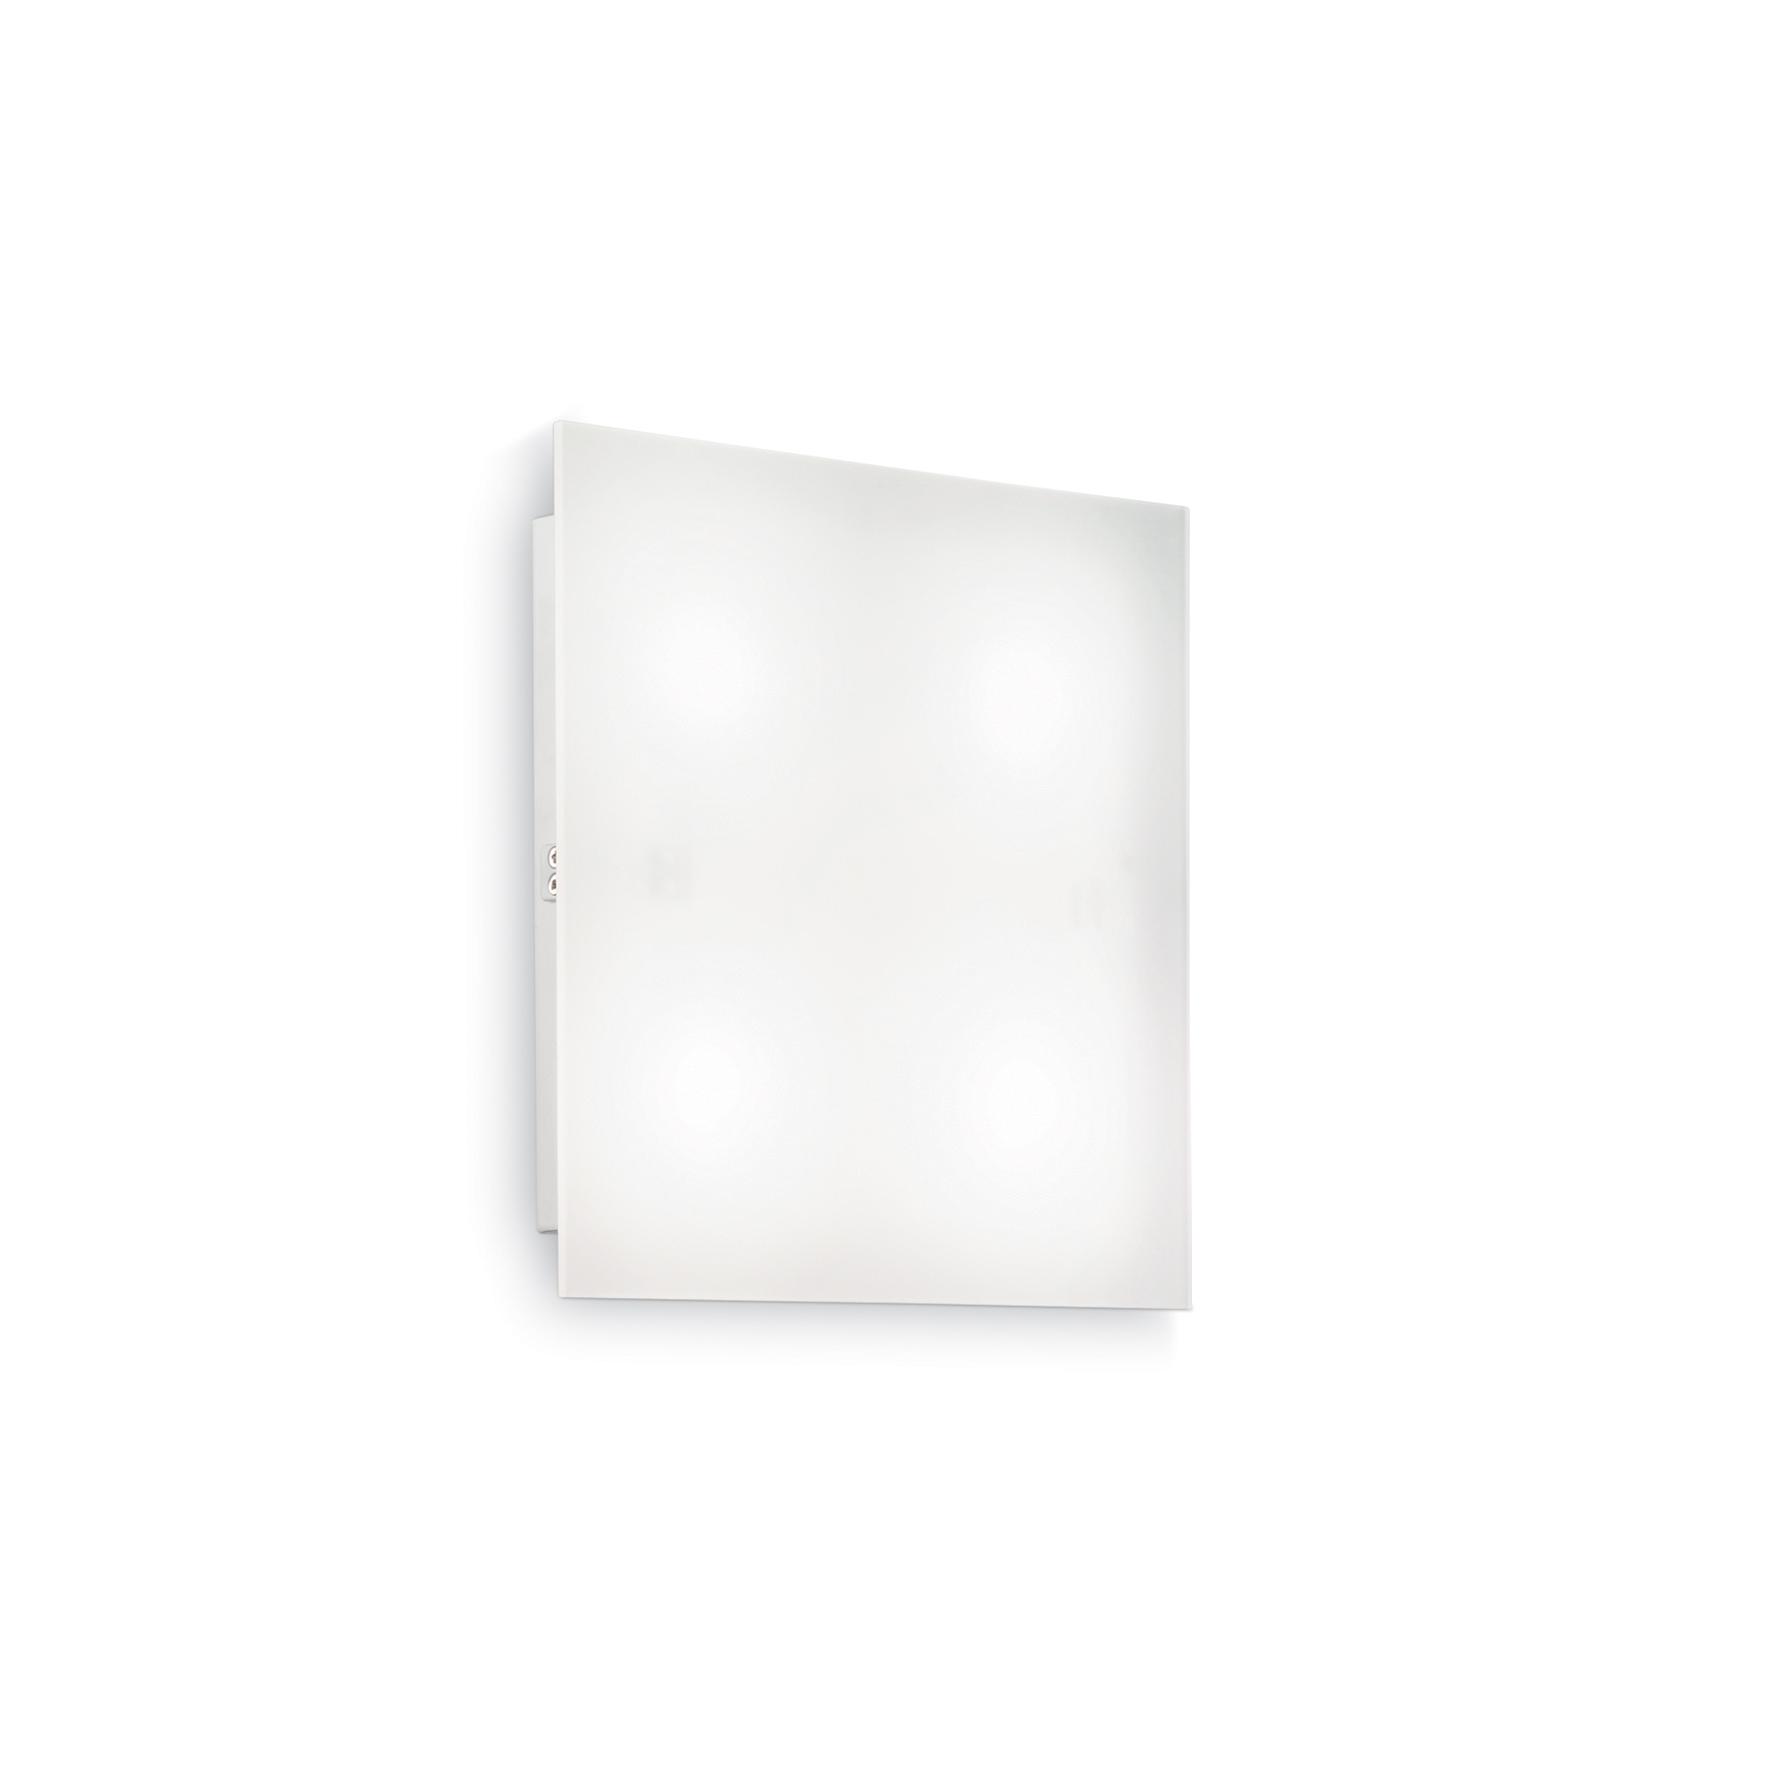 Plafoniera Flat PL1 D20 White